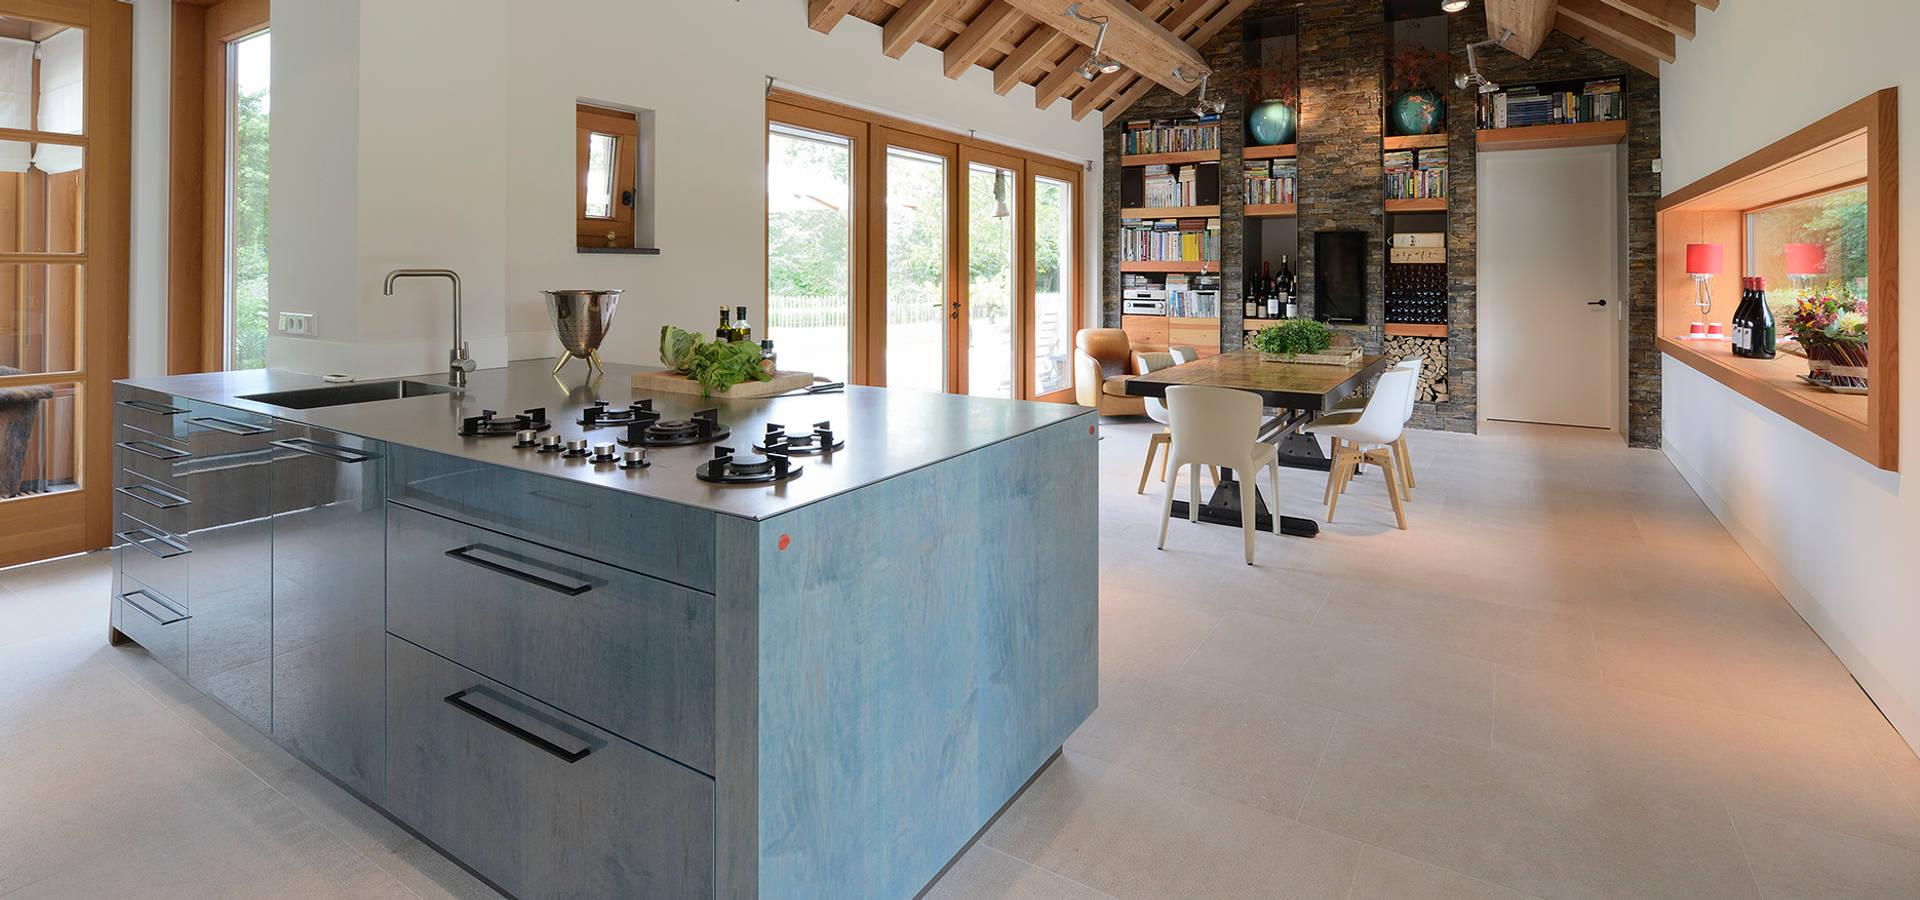 EMYKO | Residential Interior Design